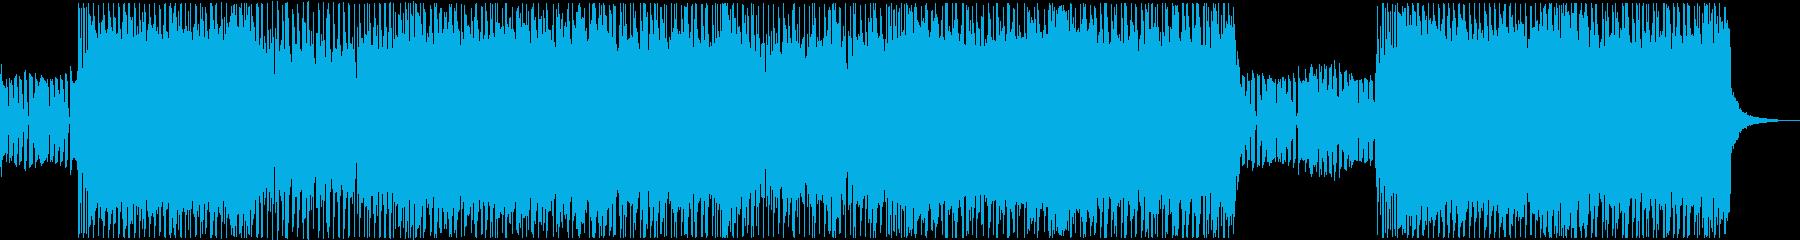 ミッドテンポブルースのメタル/ロッ...の再生済みの波形